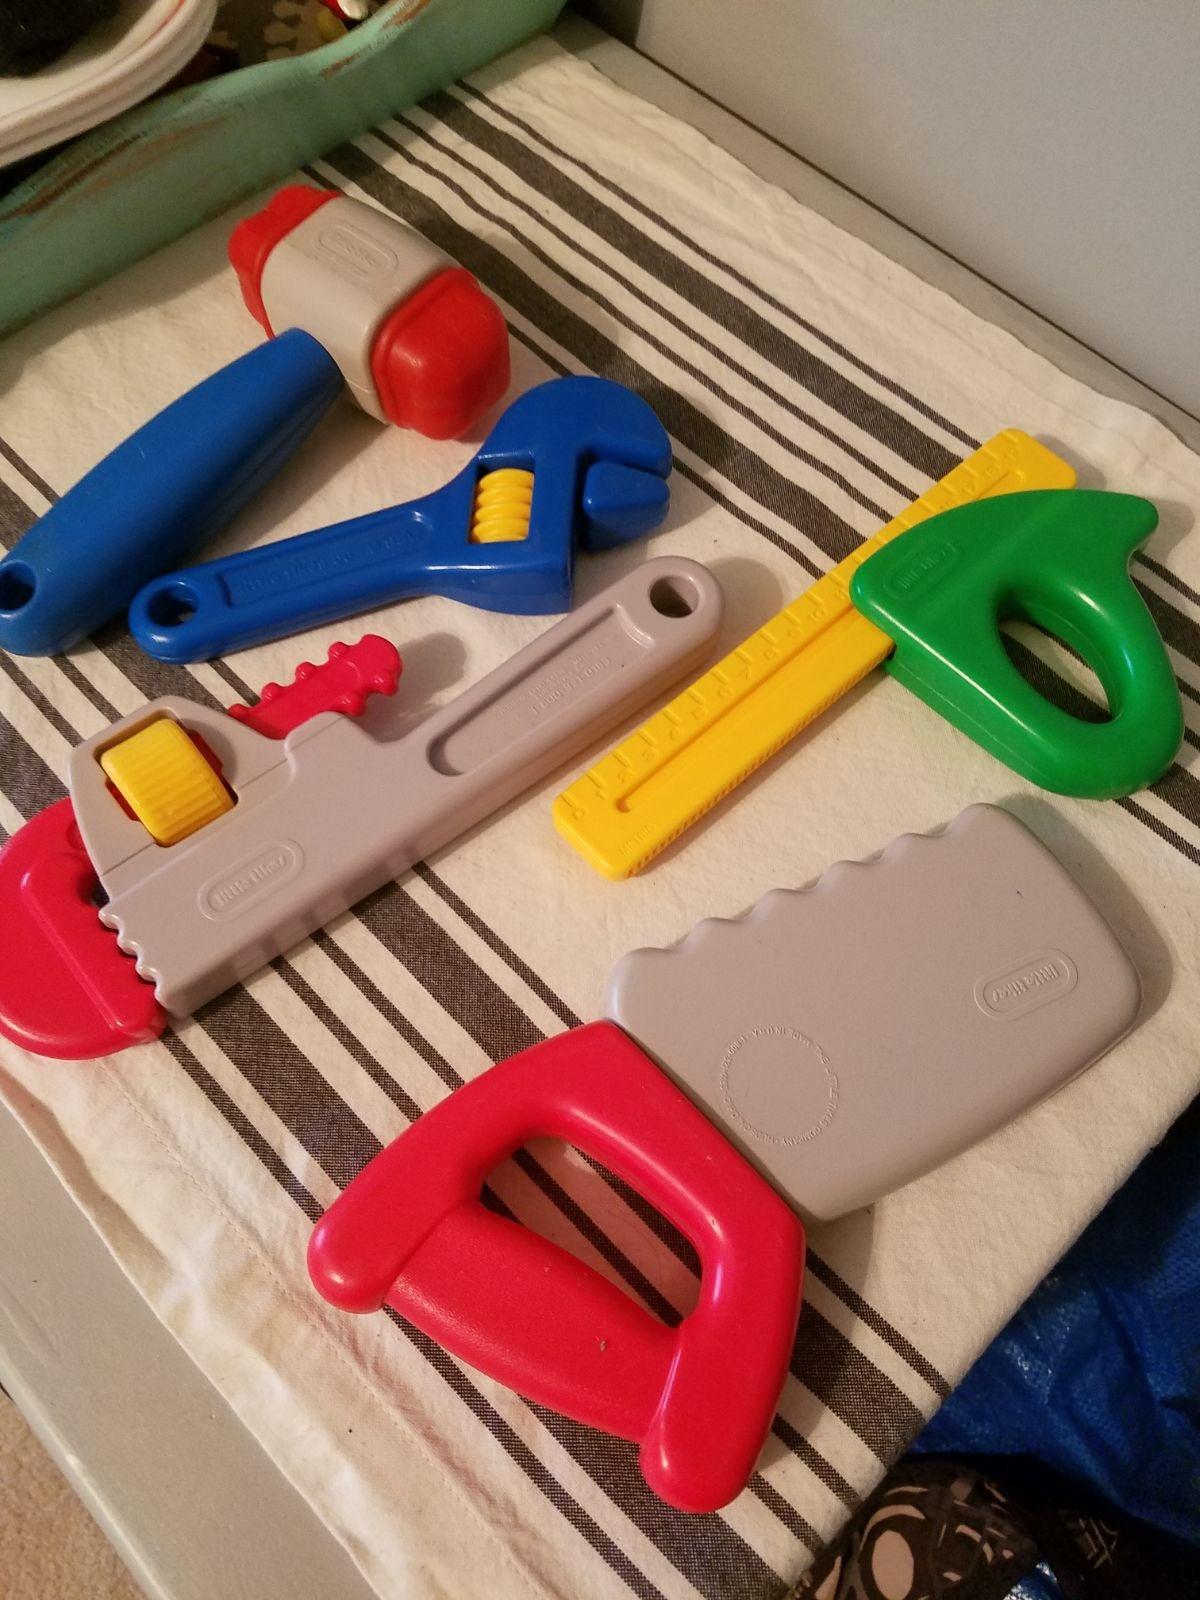 Vintage 5 pc Little Tikes Tool Set